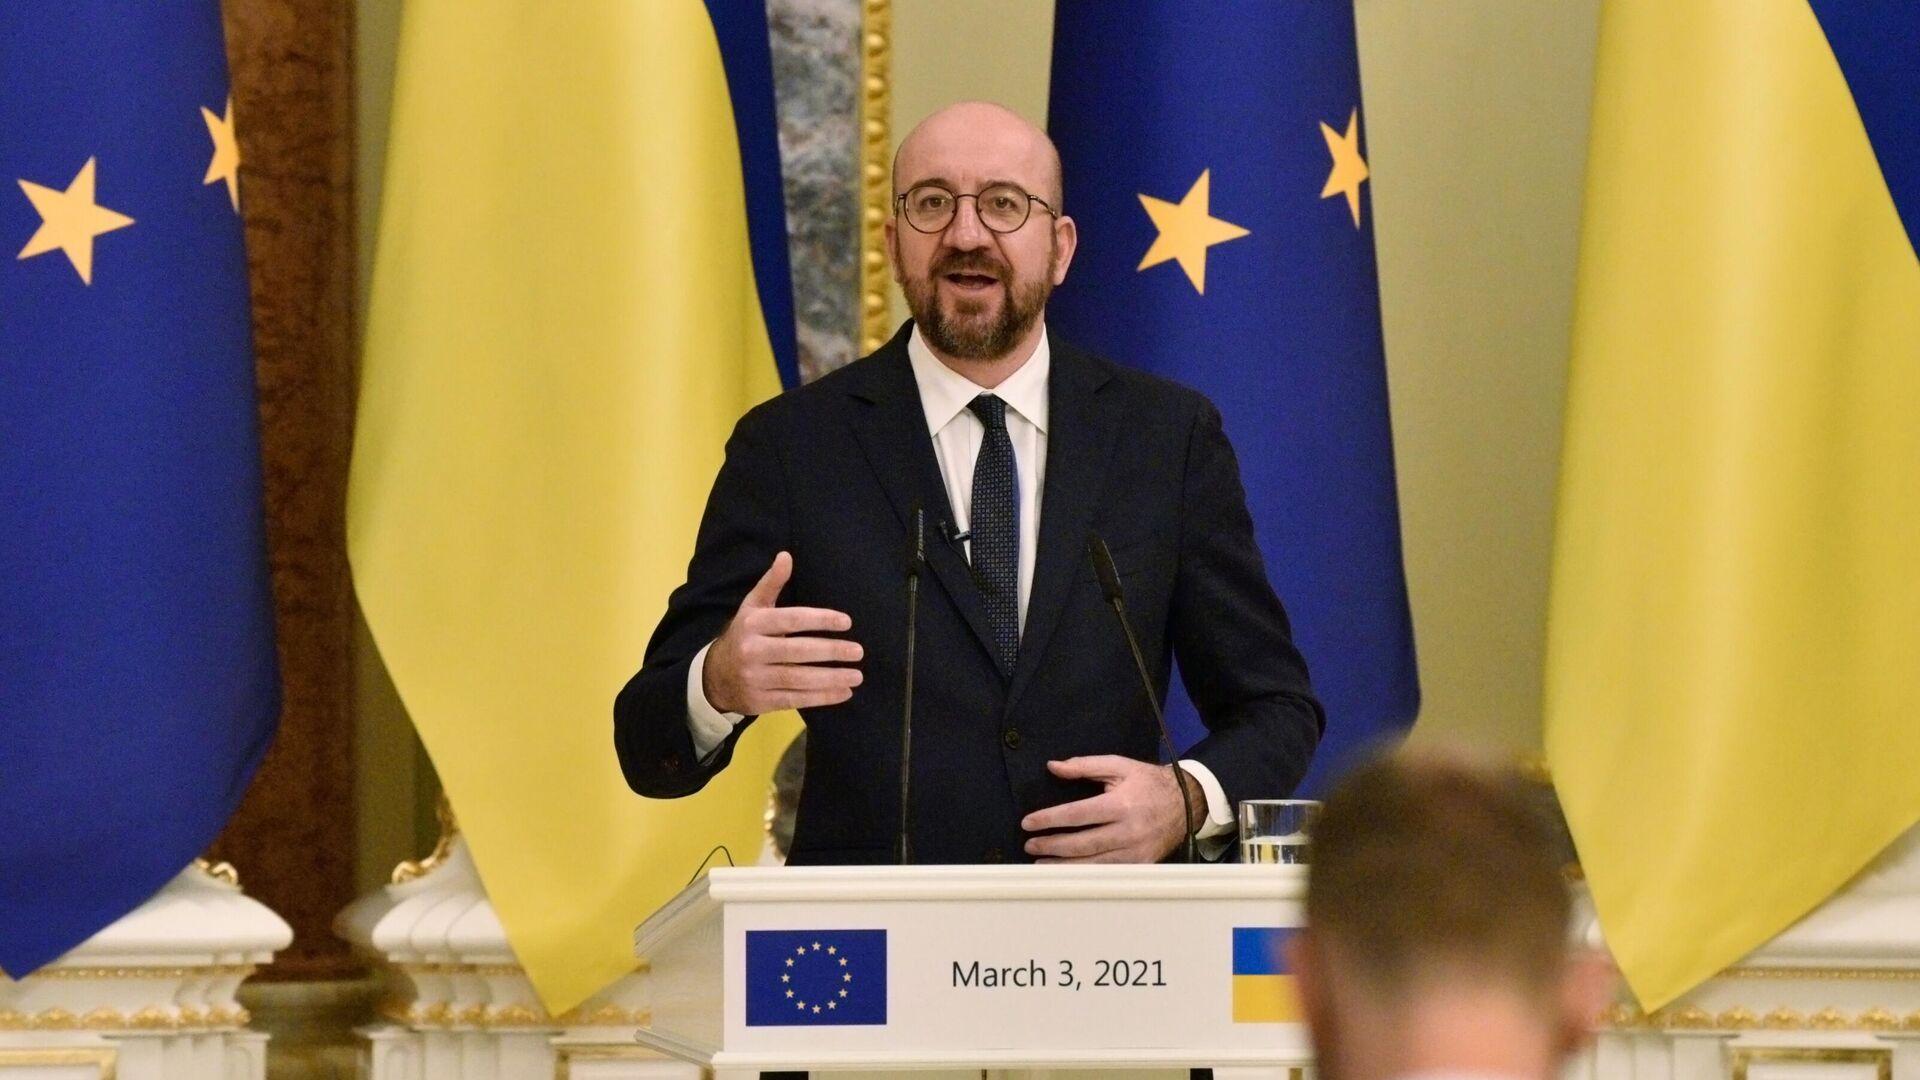 Президент Европейского союза Шарль Мишель в Киеве  - РИА Новости, 1920, 11.06.2021